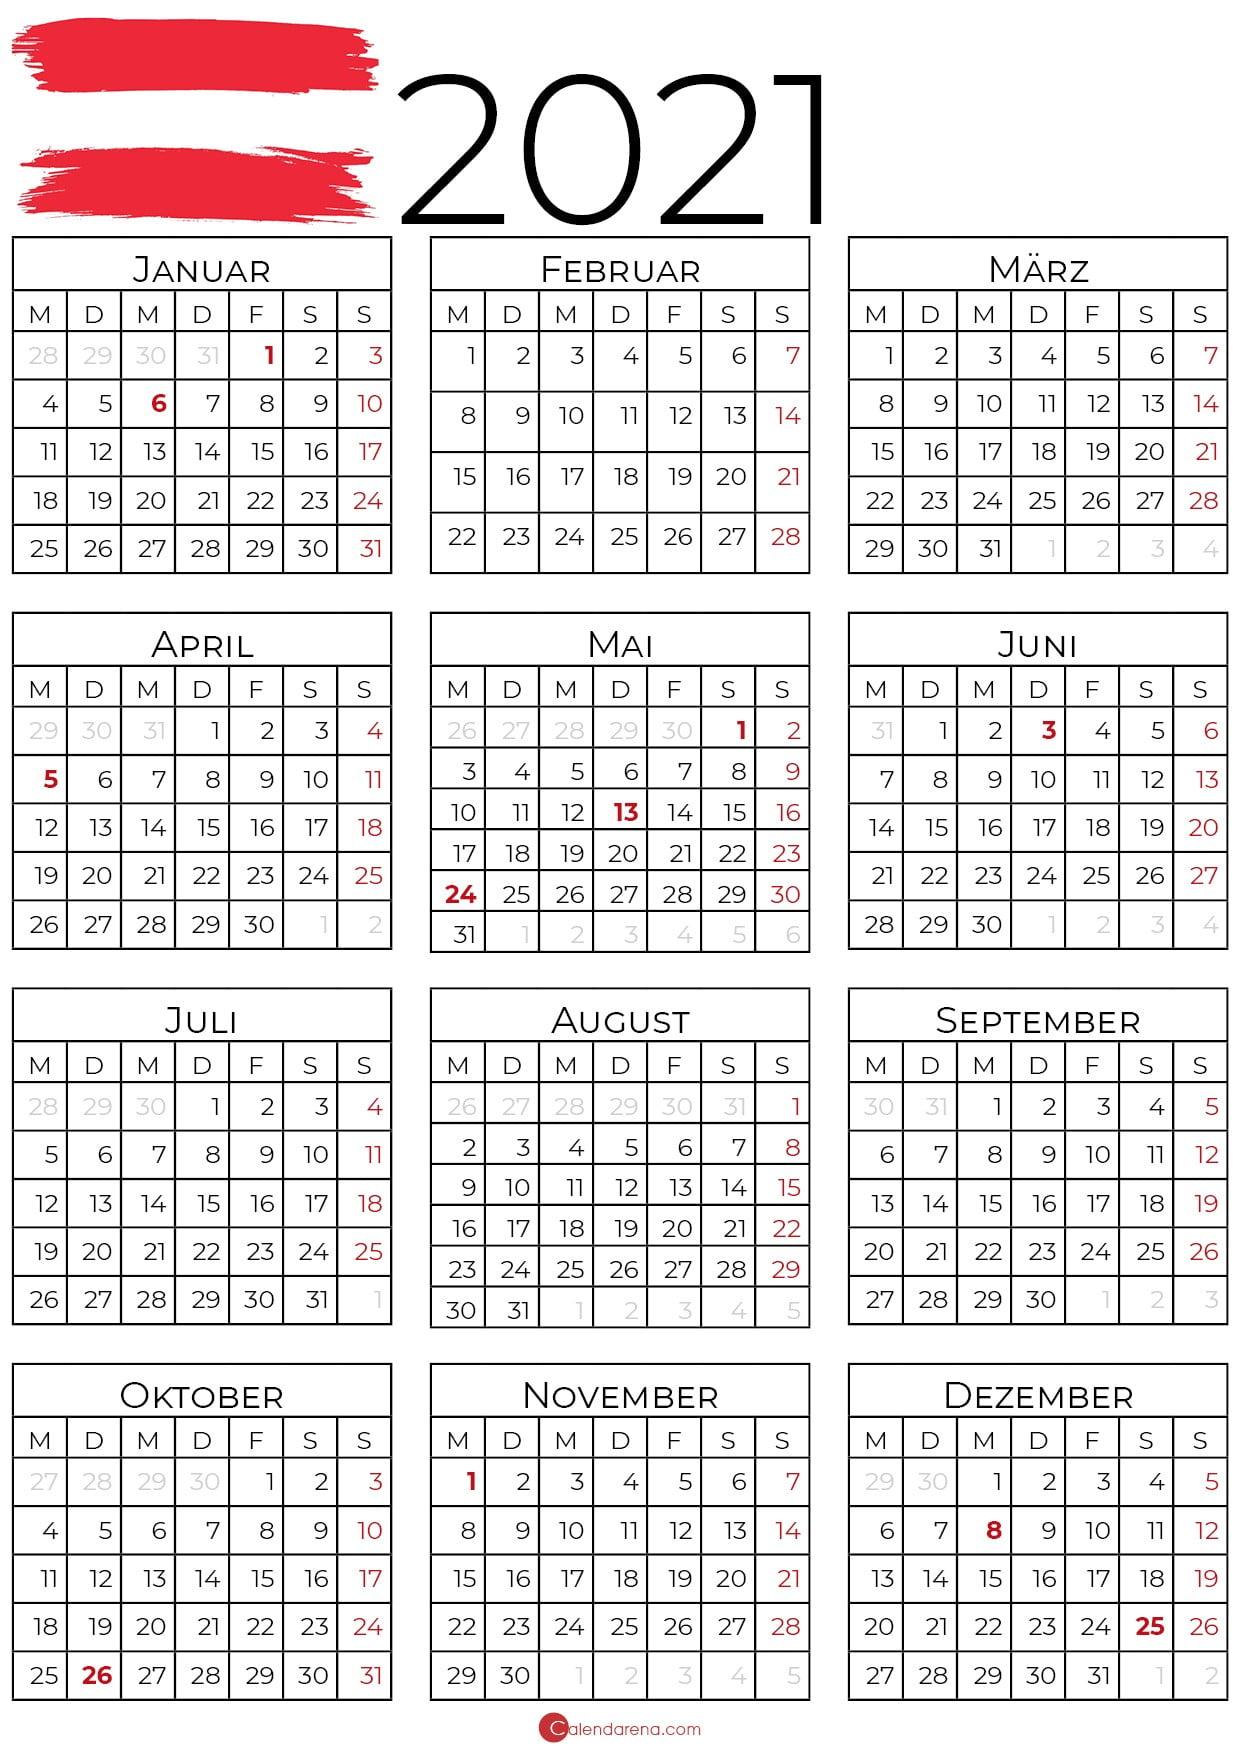 Kalender 2021 Österreich zum Ausdrucken als PDF - Calendarena